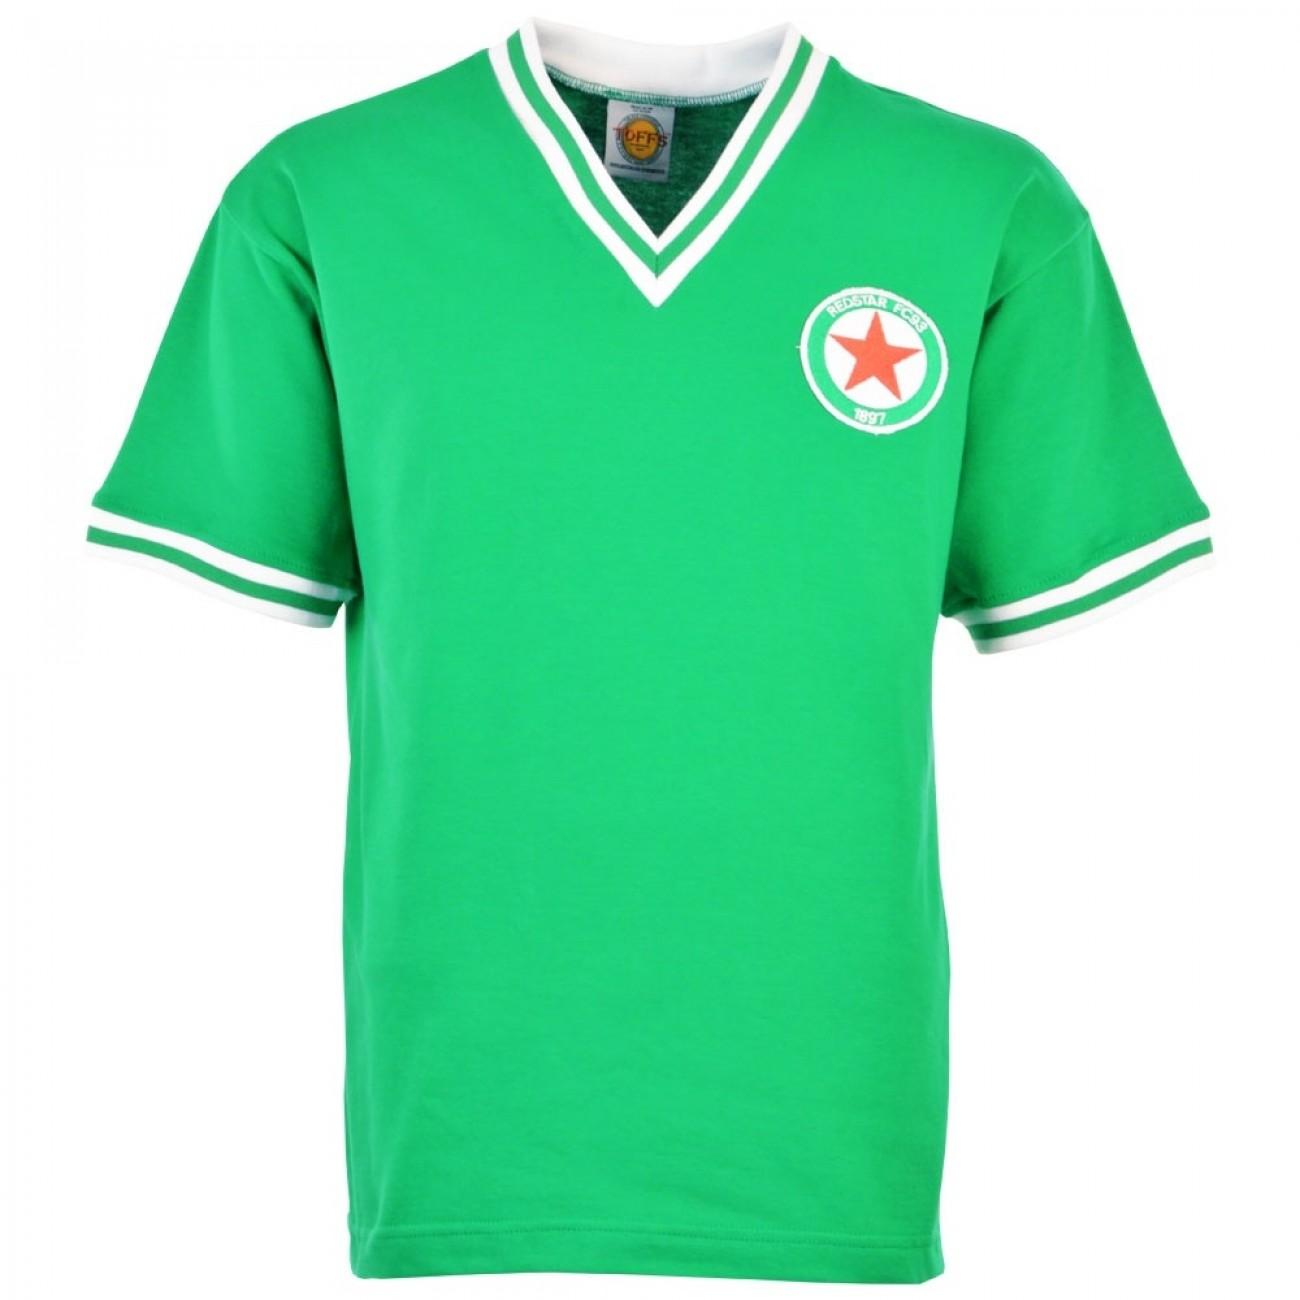 261c6ba541156 Retro shirt